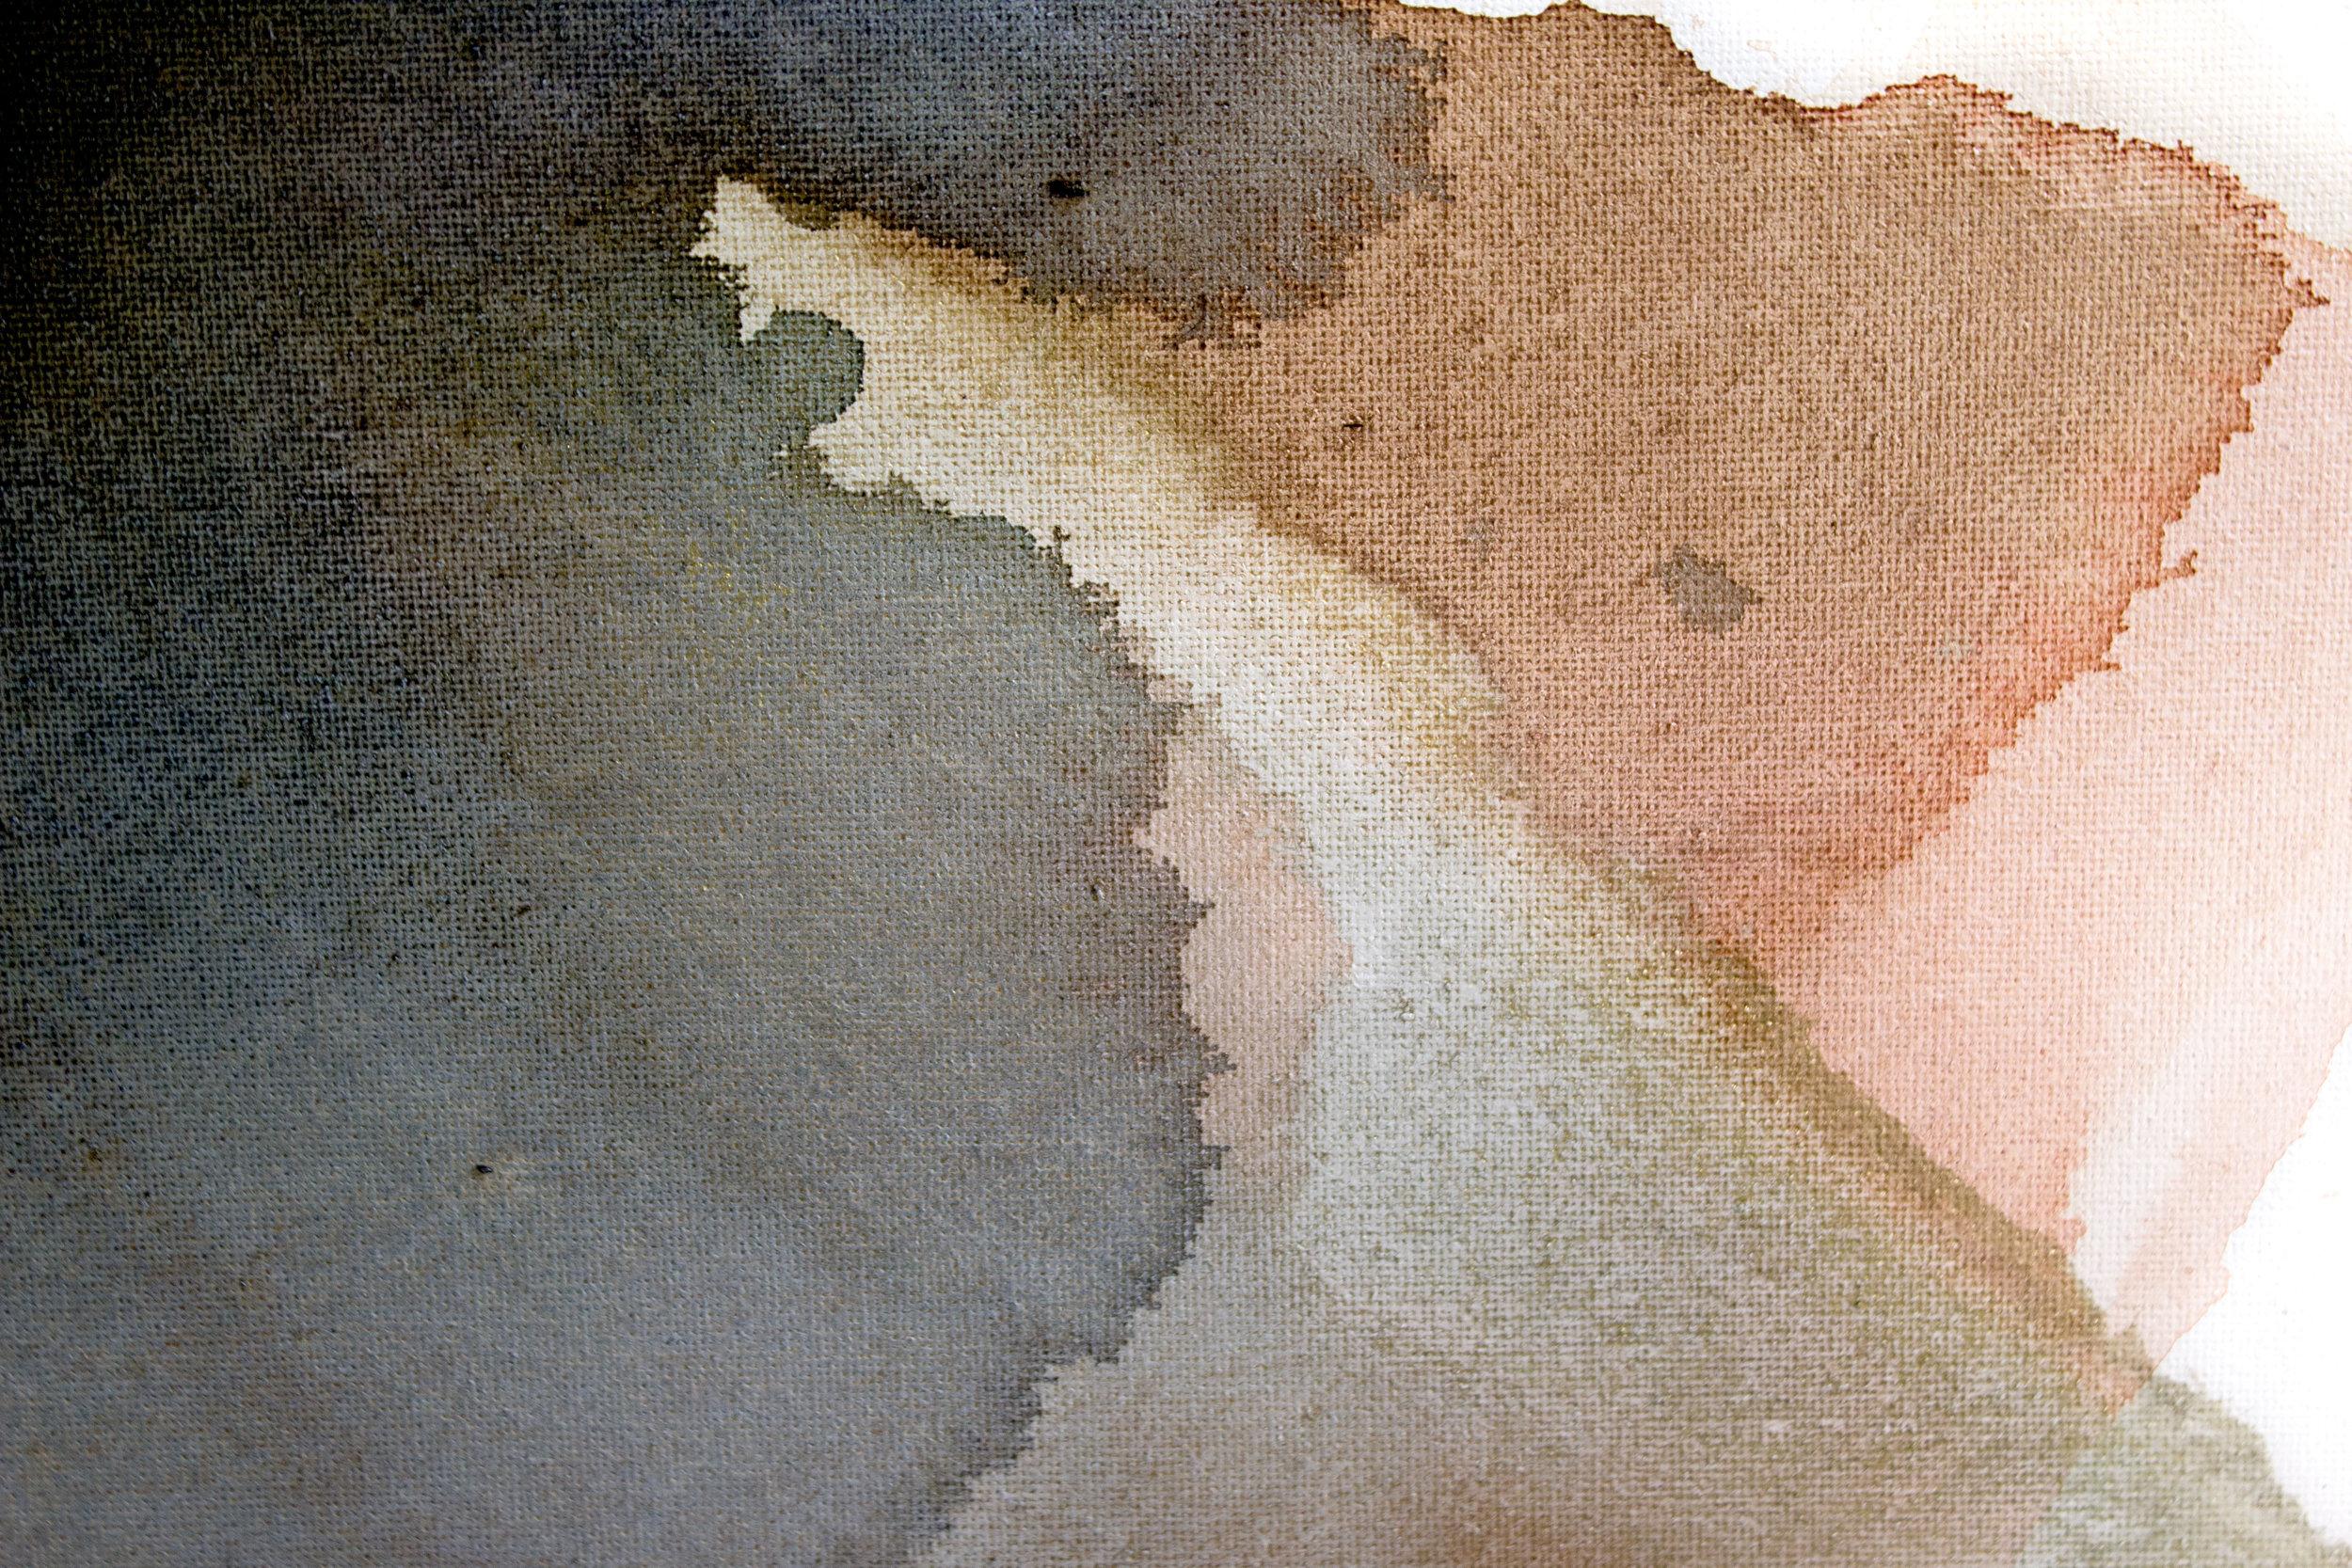 EH Sherman and Blurb - Choosing Paintings